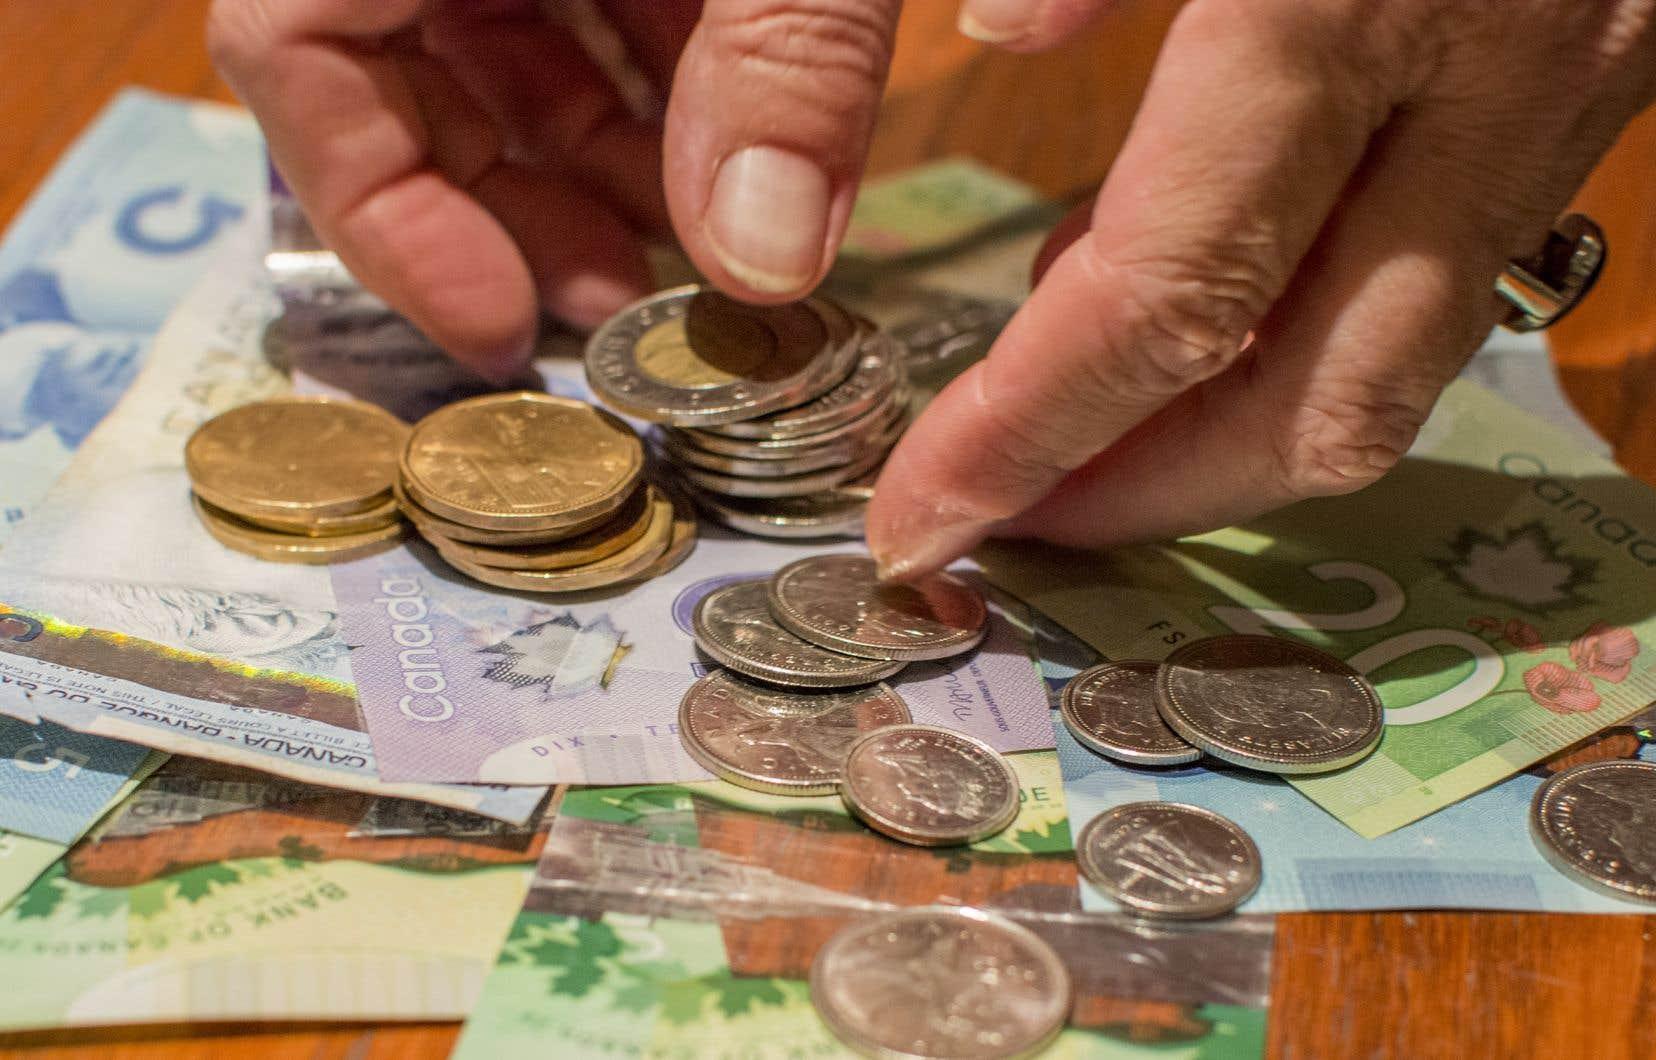 Au Québec, le salaire minimum est actuellement de 11,25$ par heure.